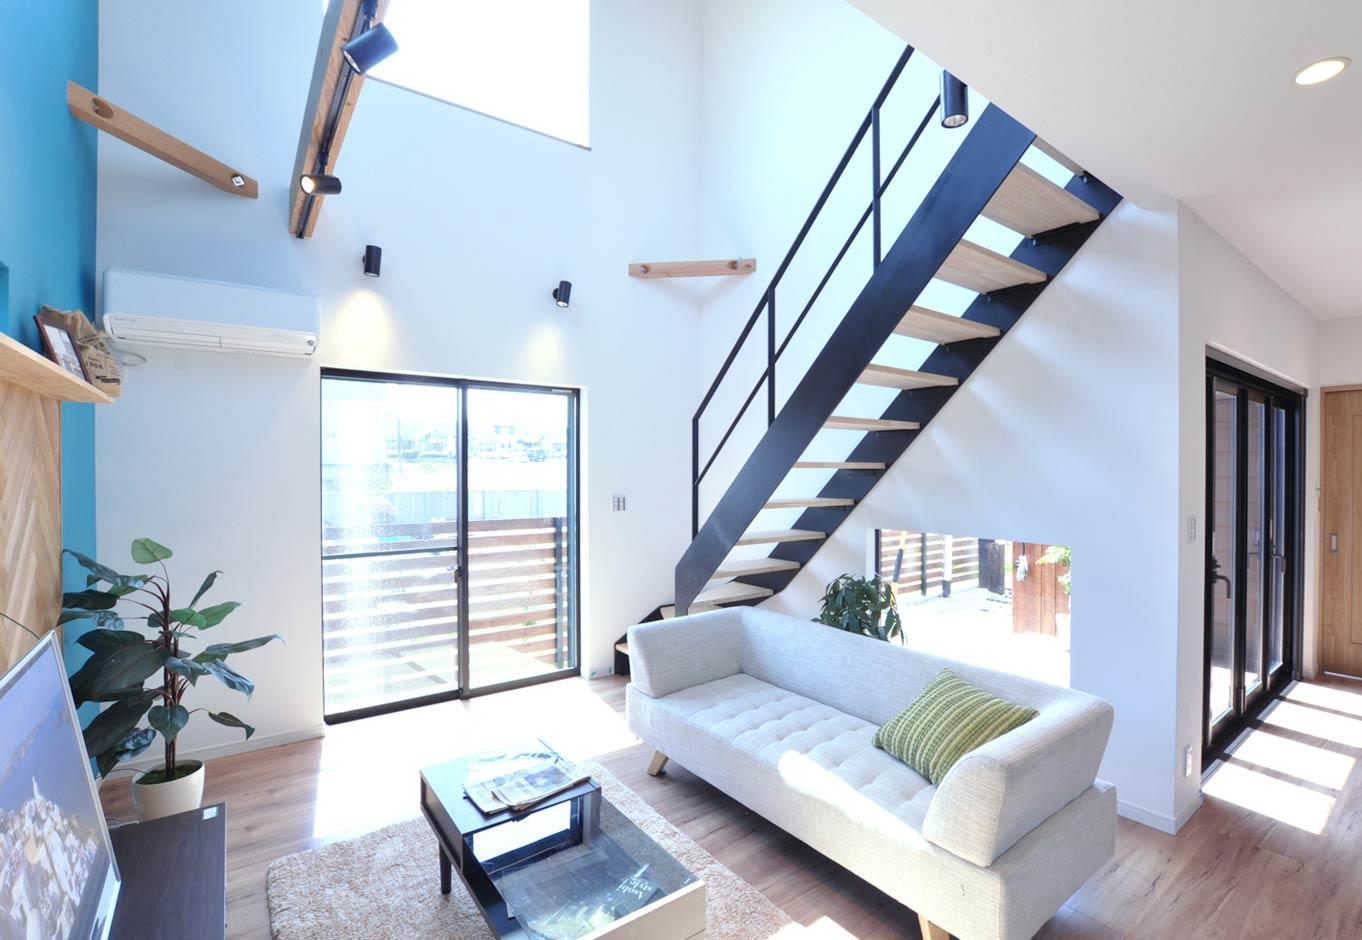 Asobi-創家(アソビスミカ)/ナカジツ【デザイン住宅、趣味、間取り】黒い鉄骨階段が白を基調とした空間のアクセントに。スケルトンにしたことでより開放感を創出。階段下のFIX窓越しにはウッドデッキが見える。床を無垢調の合板フローリングにしてコストを抑えた